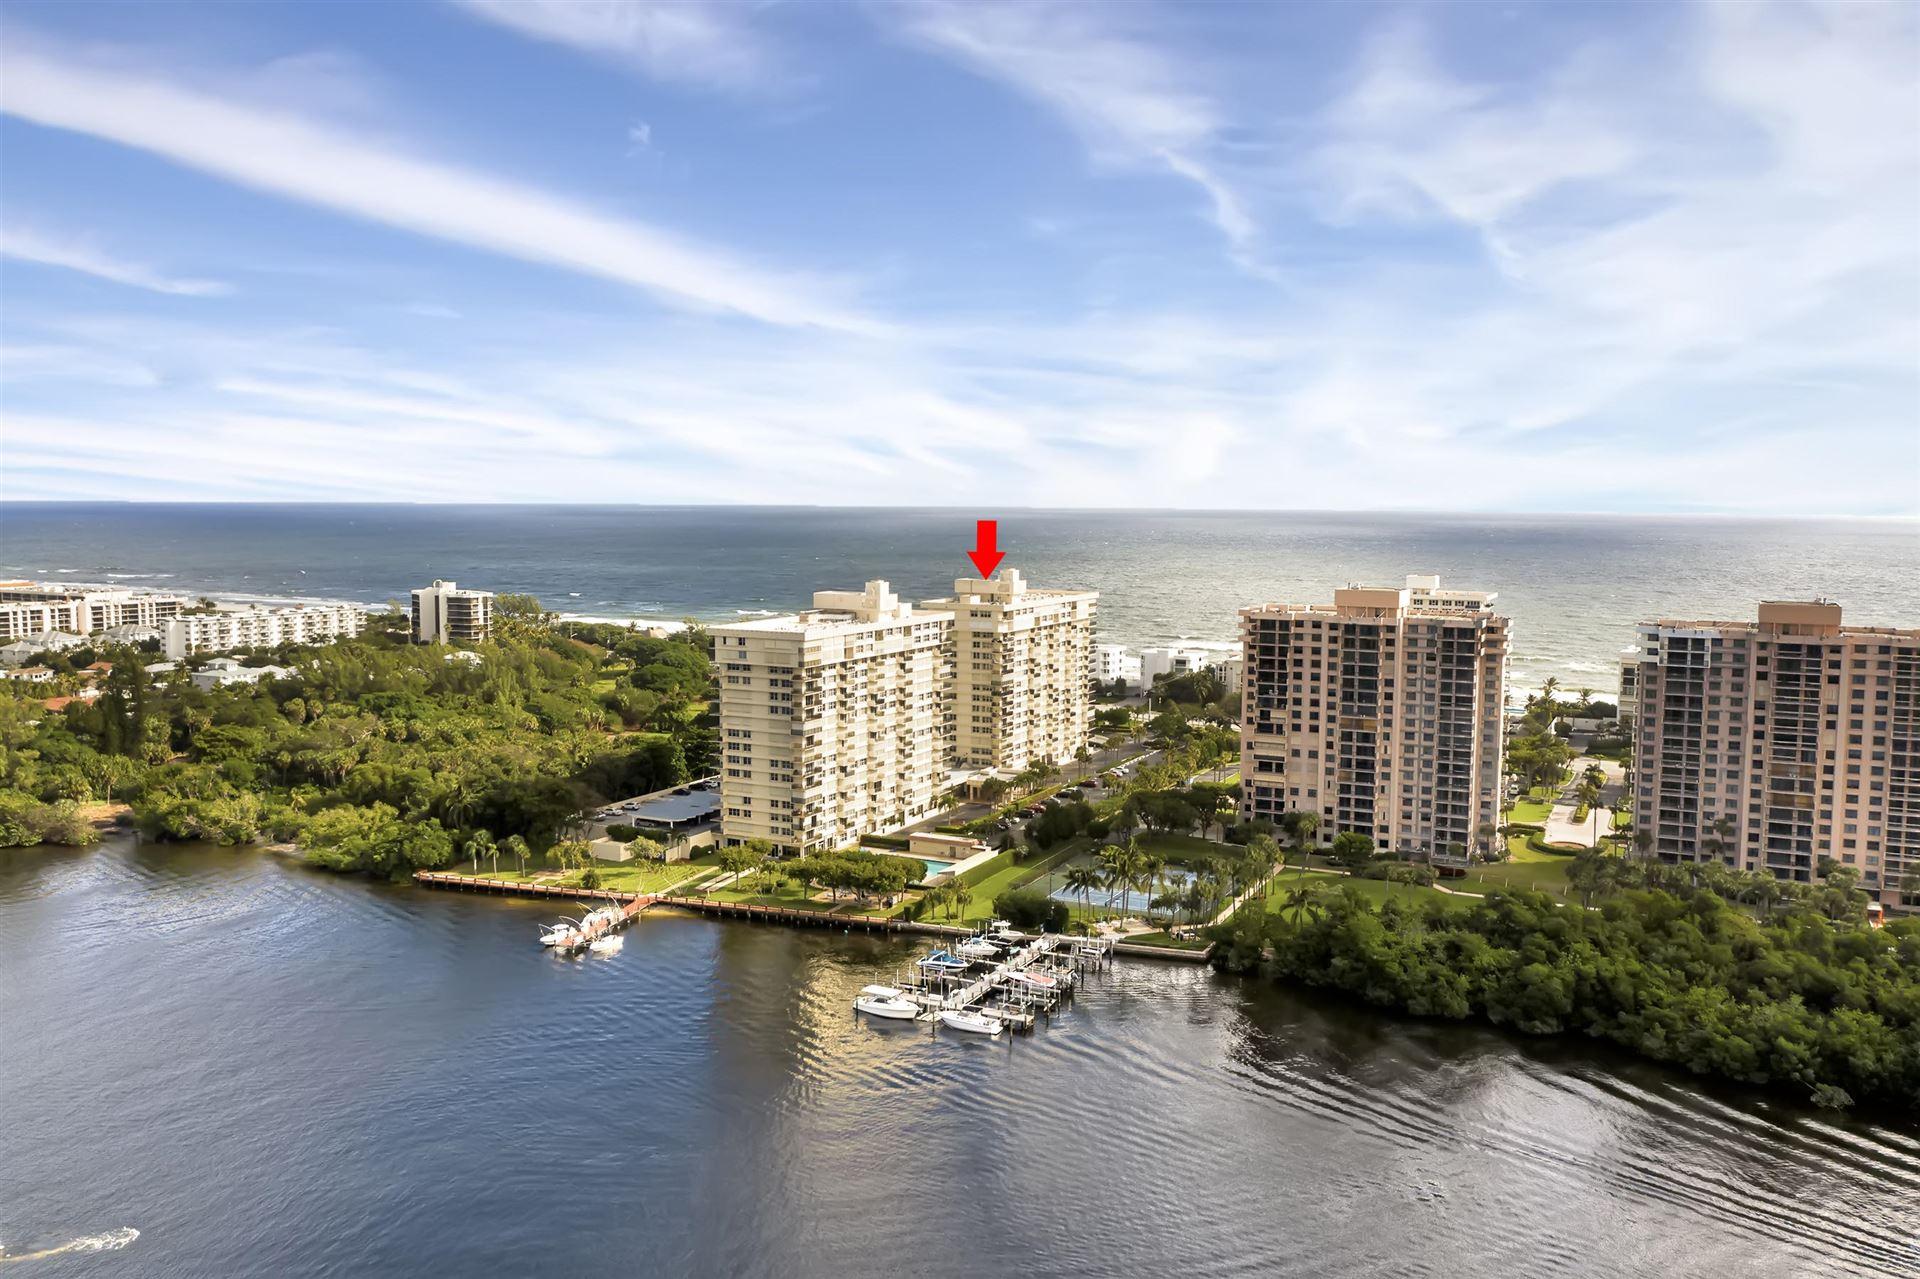 2121 N Ocean Boulevard #209e, Boca Raton, FL 33431 - #: RX-10674626